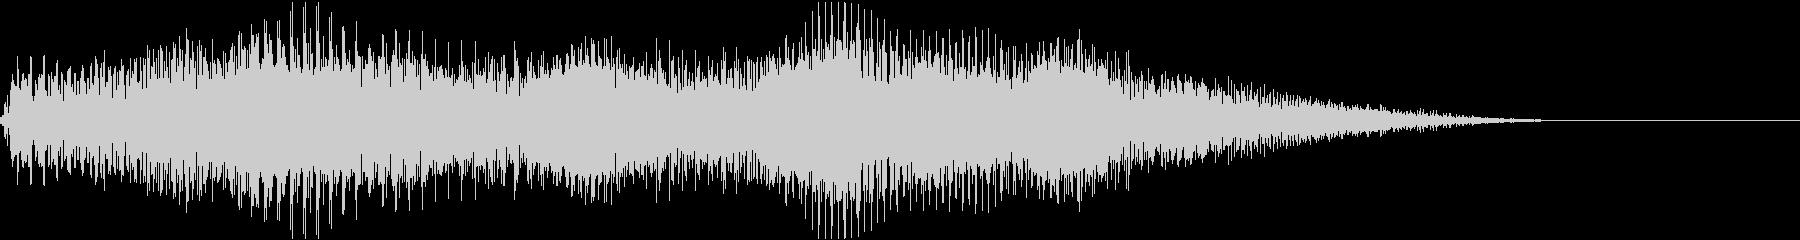 ボワァァン(登場音)の未再生の波形